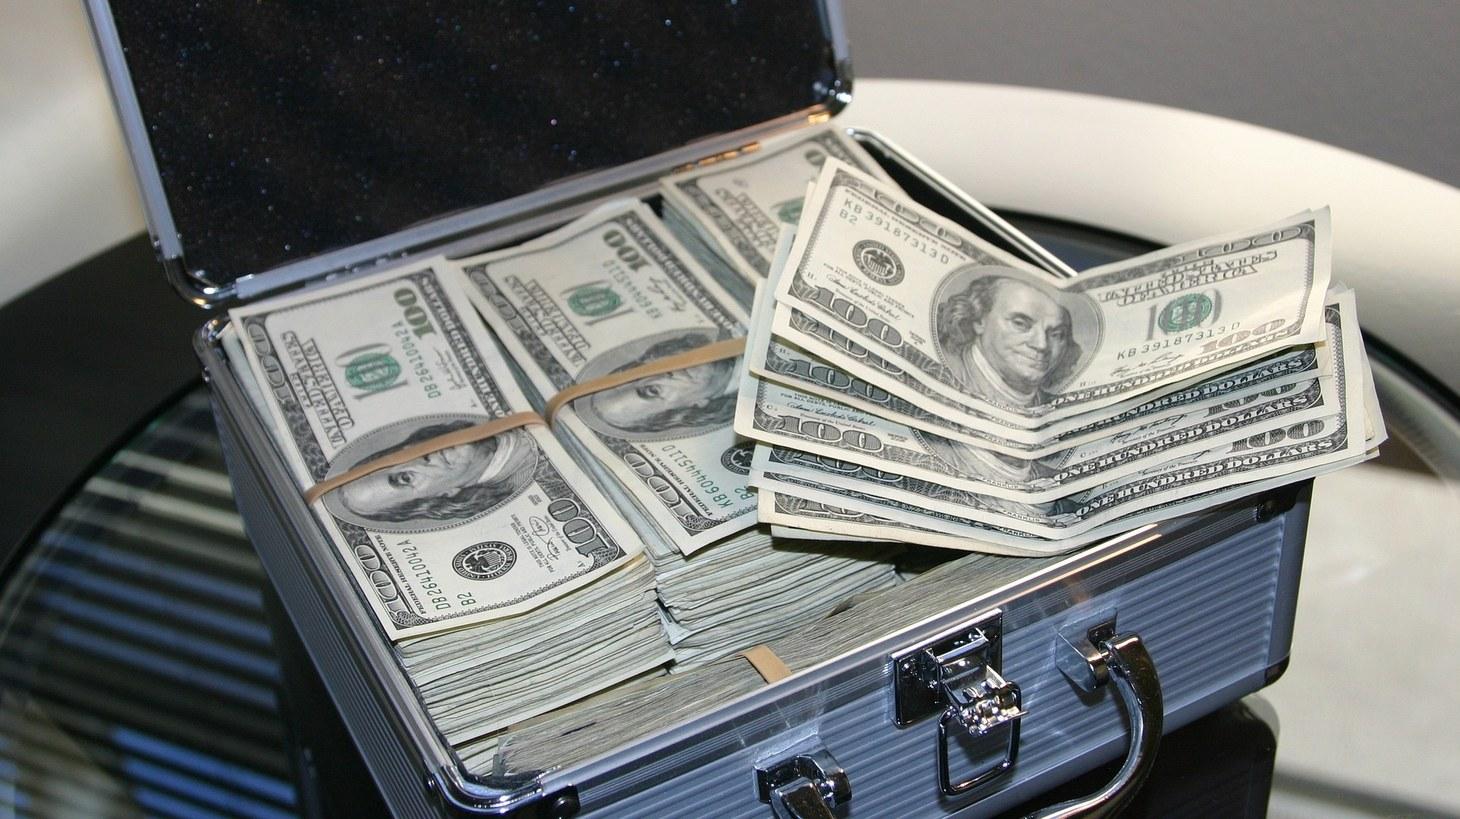 A box full of $100 bills.